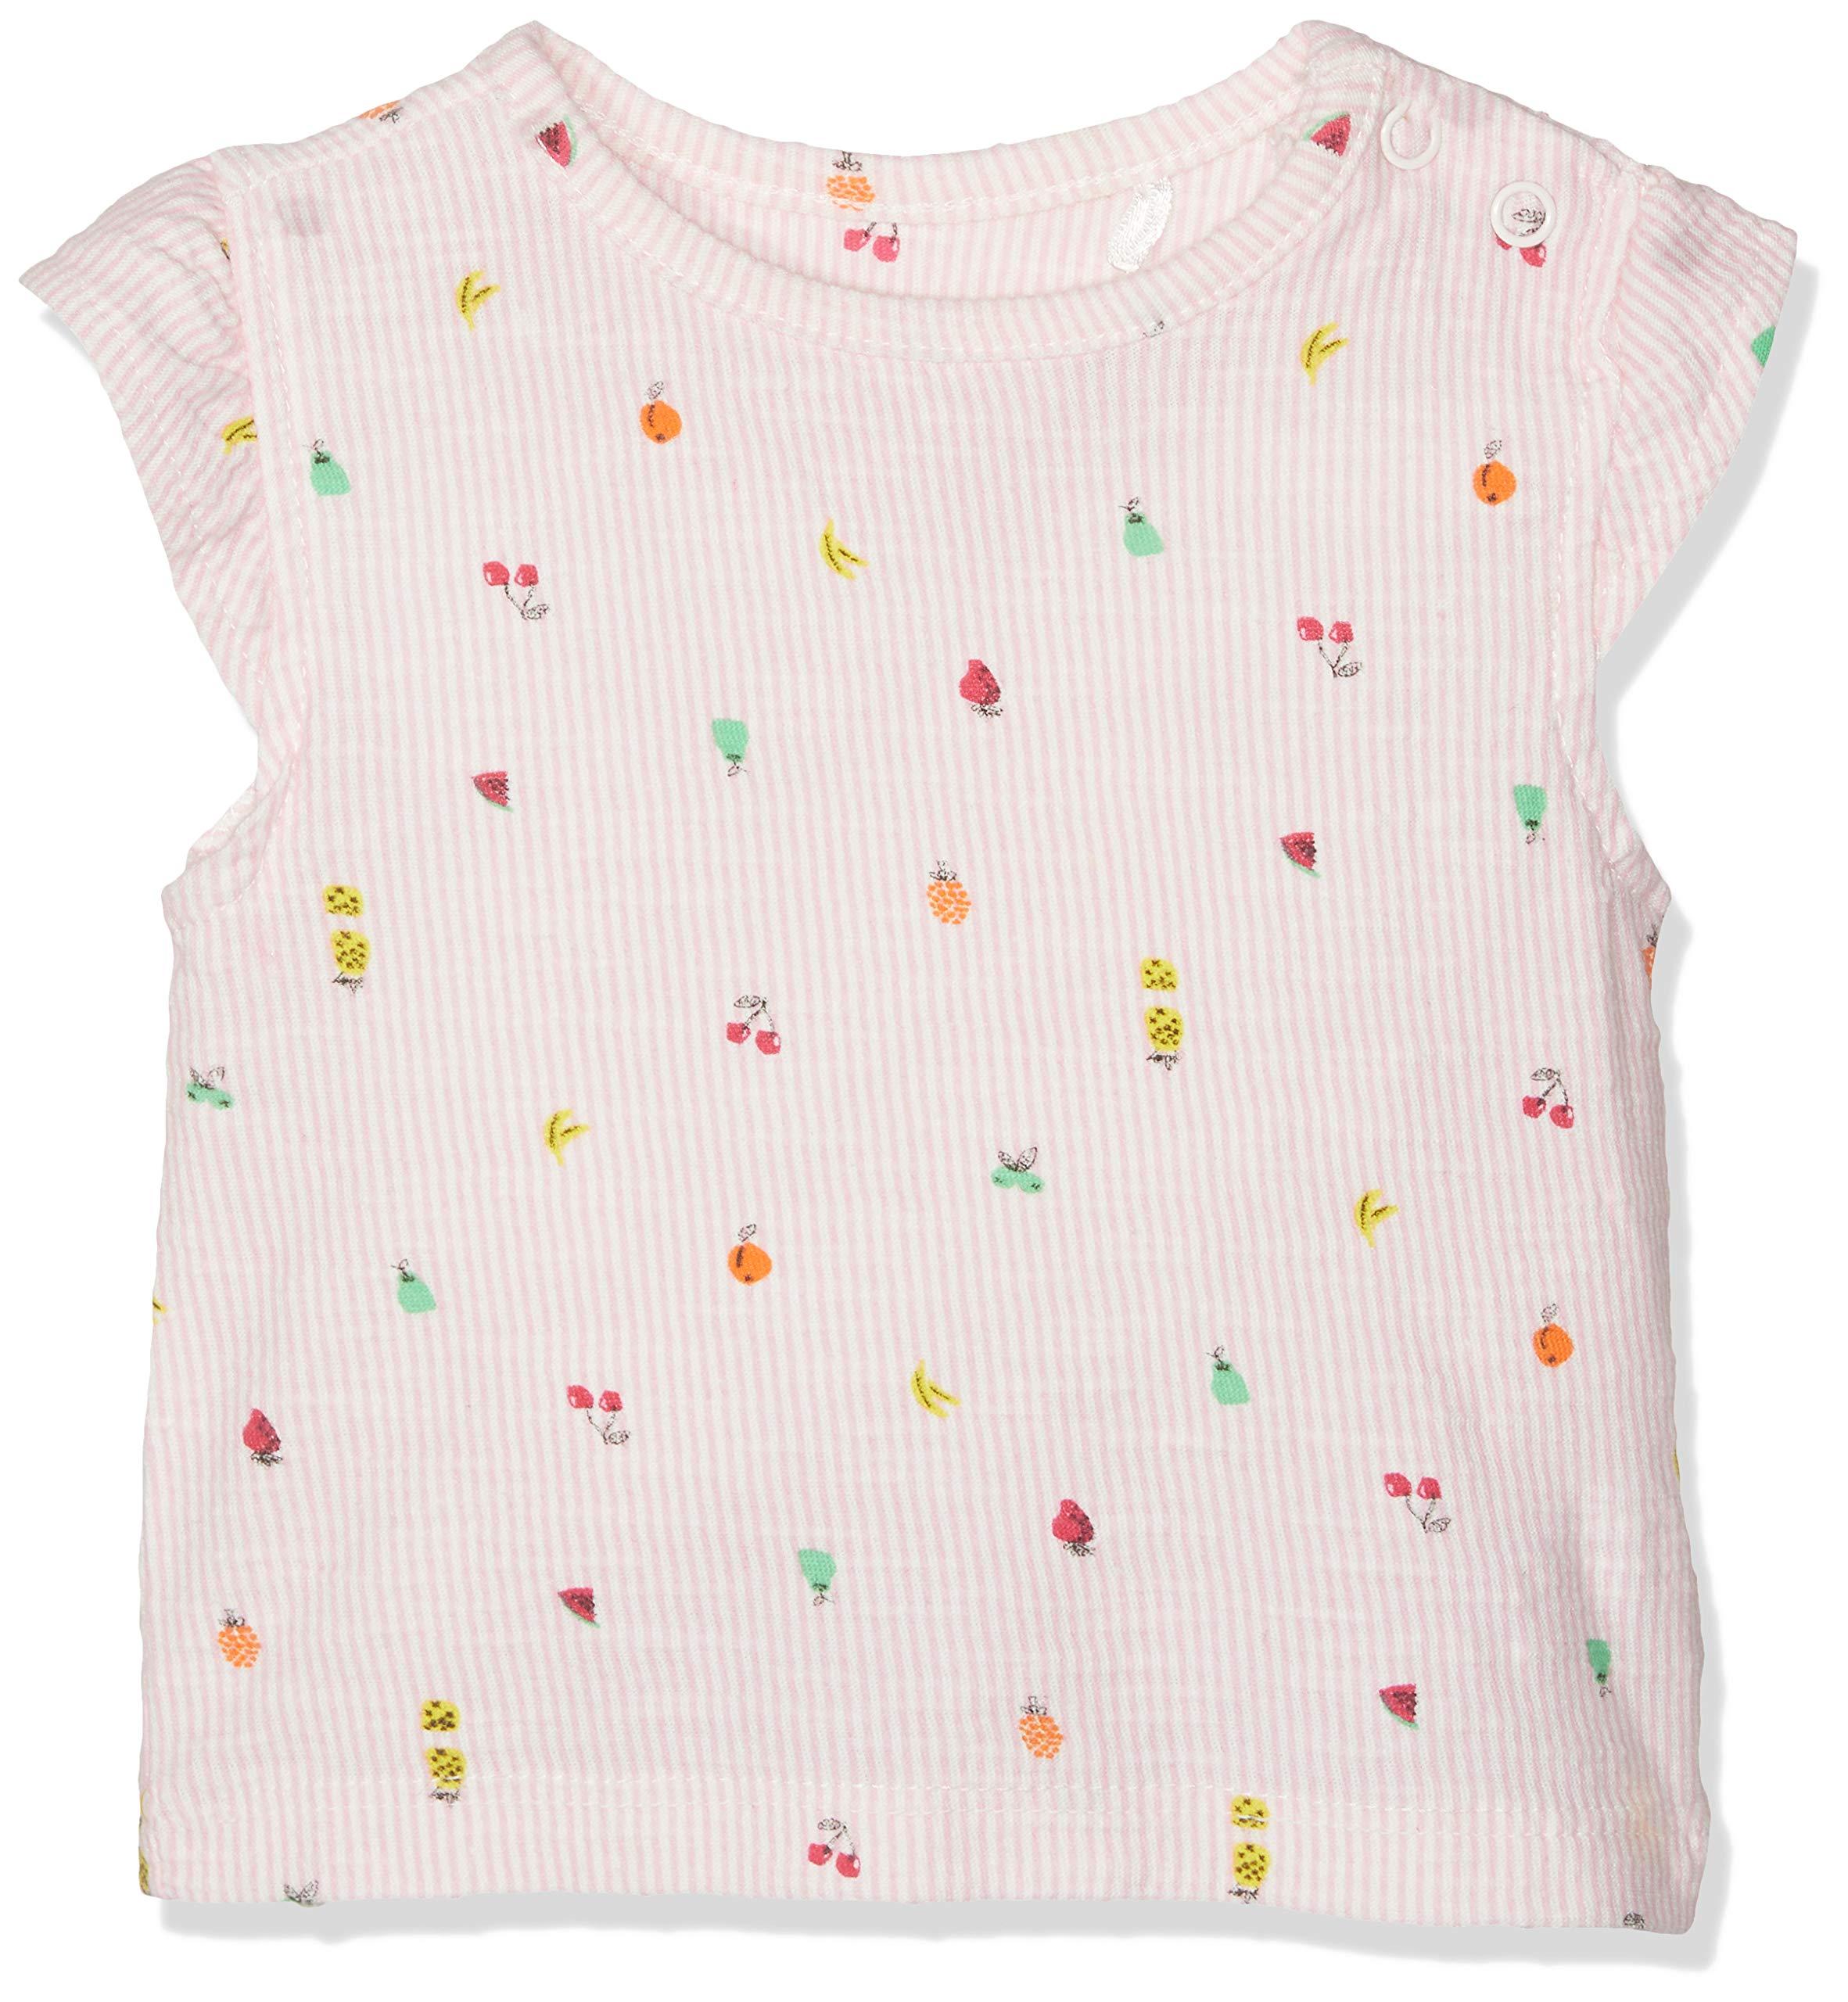 Noppies G tee Slim SS Socorro AOP Camiseta para Bebés 1